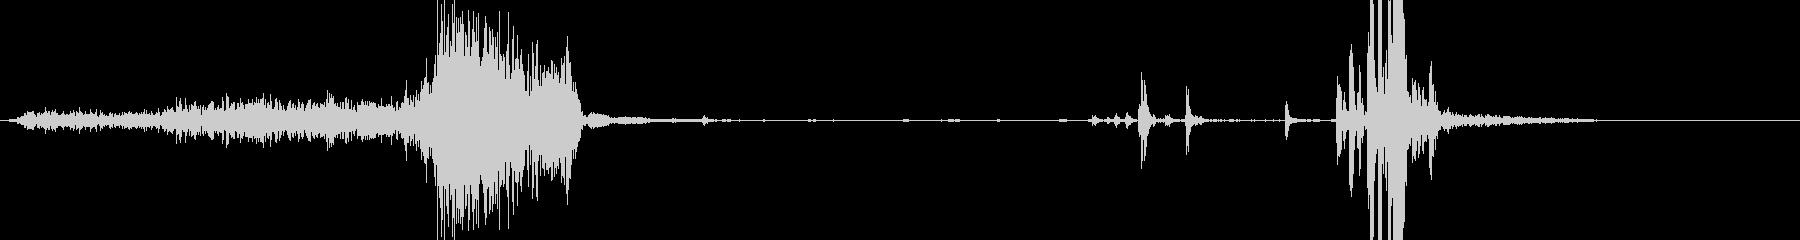 飲料缶の開封音(プシュ、カッ)の未再生の波形